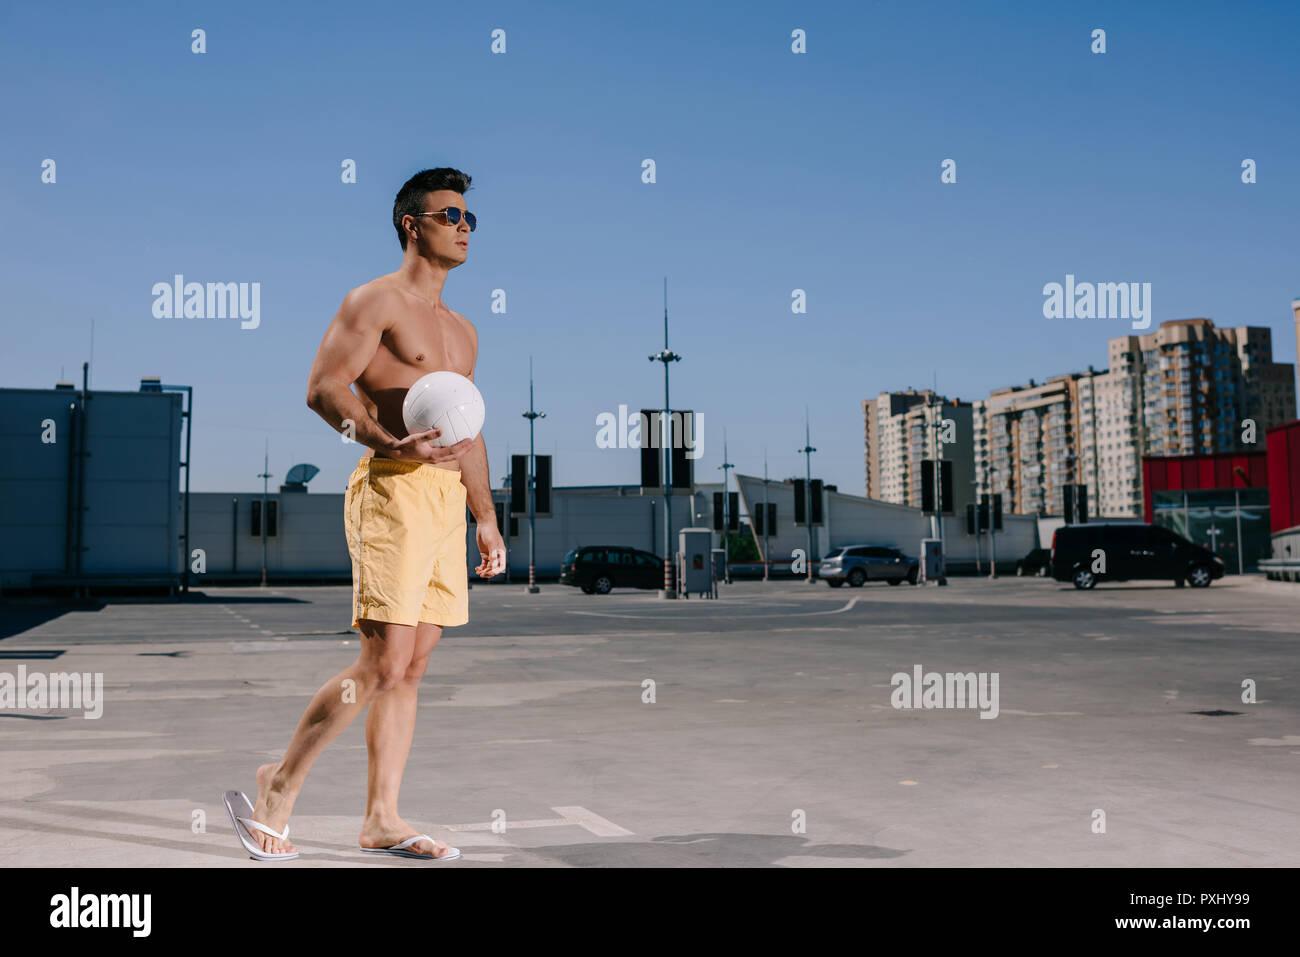 Shirtless uomo con sfera di pallavolo su parcheggio Immagini Stock